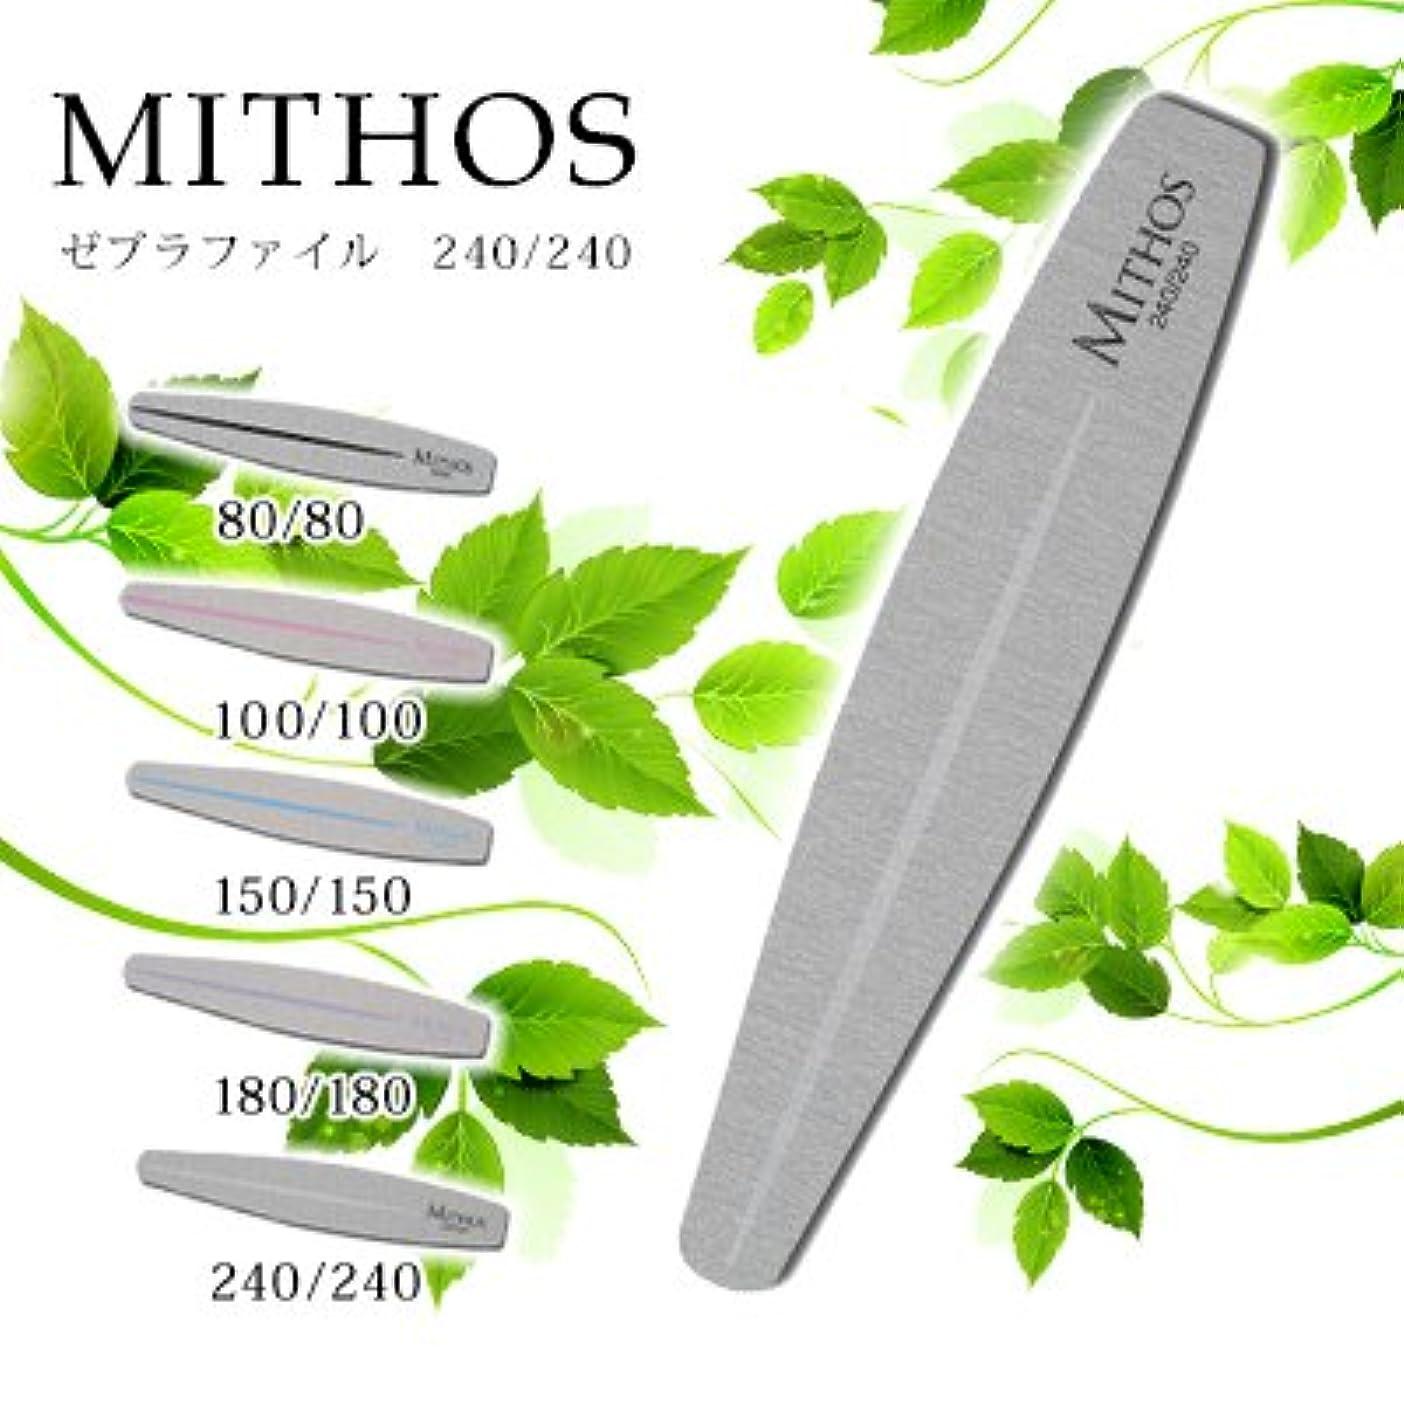 重量アダルト酸っぱいミトス MITHOS セブラファイル 240/240